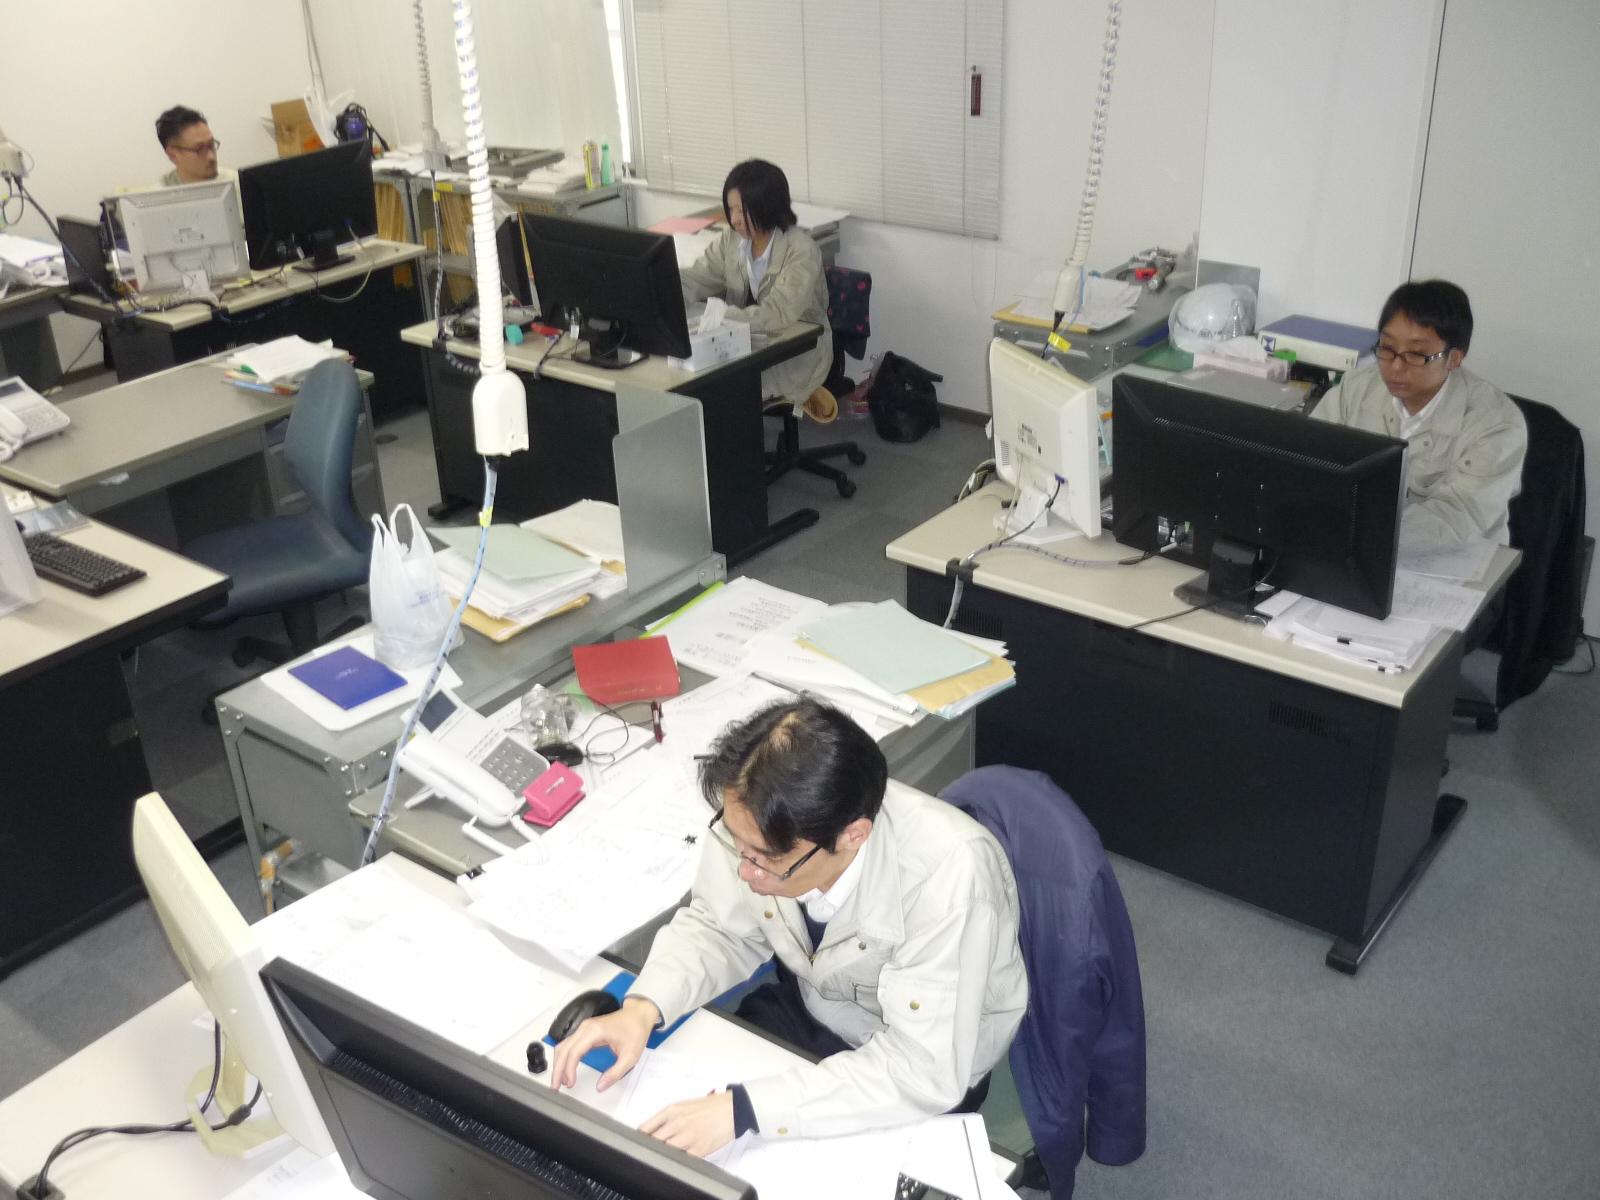 札幌電機鉄工株式会社設計部